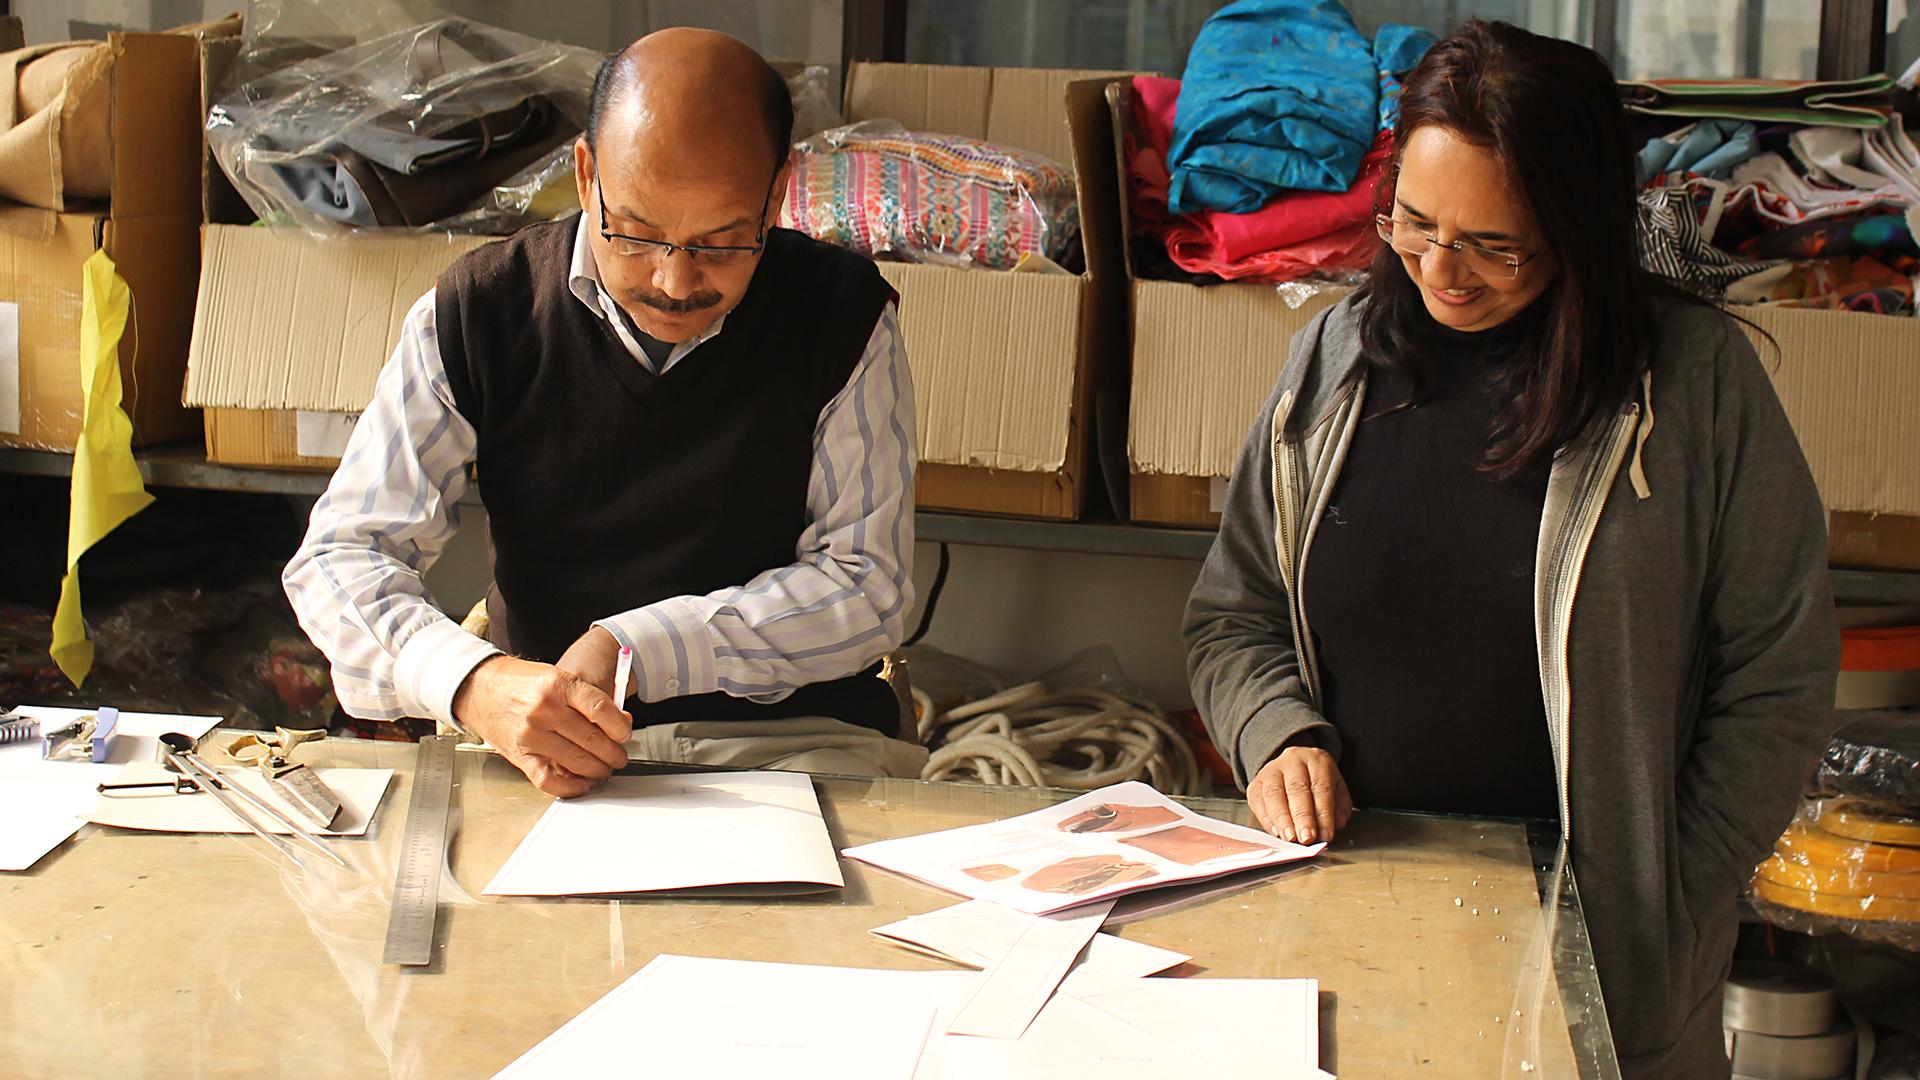 Wir beraten unsere Partner zu Qualität und Design. Insbesondere für die flexibel gestalteten Taschen hat eine externe Designerin intensiv mit Conserve zusammengearbeitet.